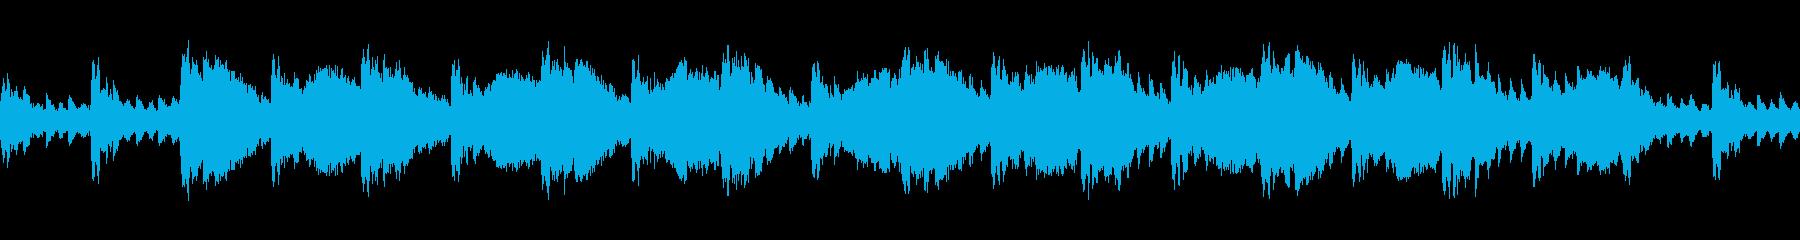 和風のトラブル感のある曲の再生済みの波形